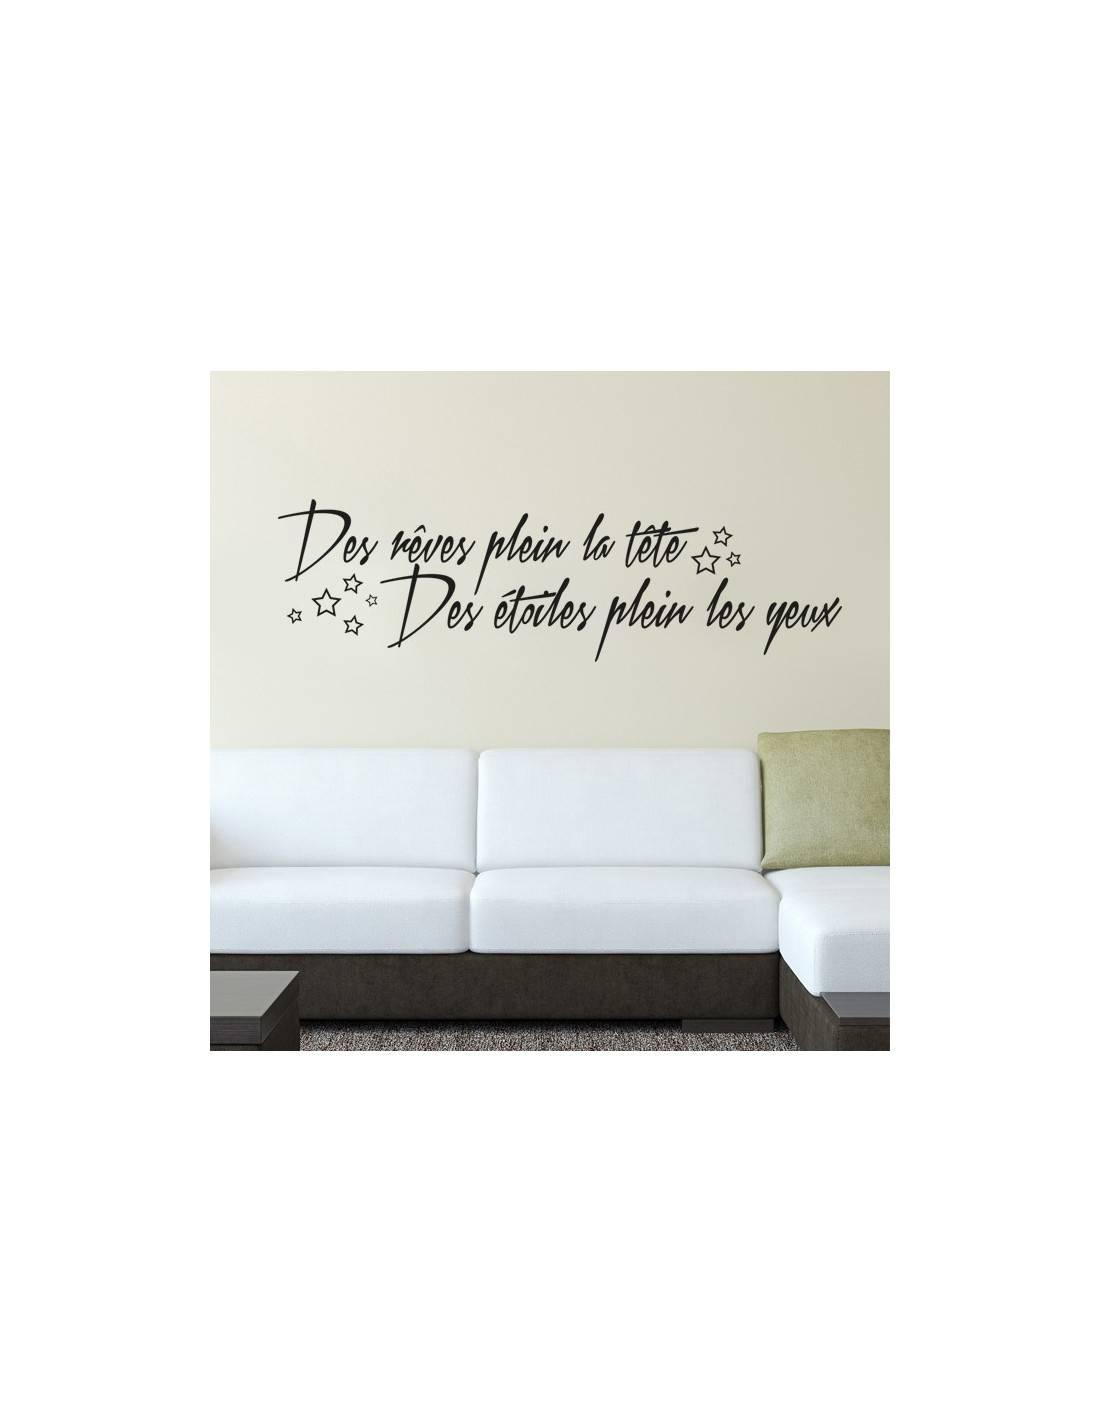 stickers citation des r ves plein la t te des toiles plein les yeux. Black Bedroom Furniture Sets. Home Design Ideas